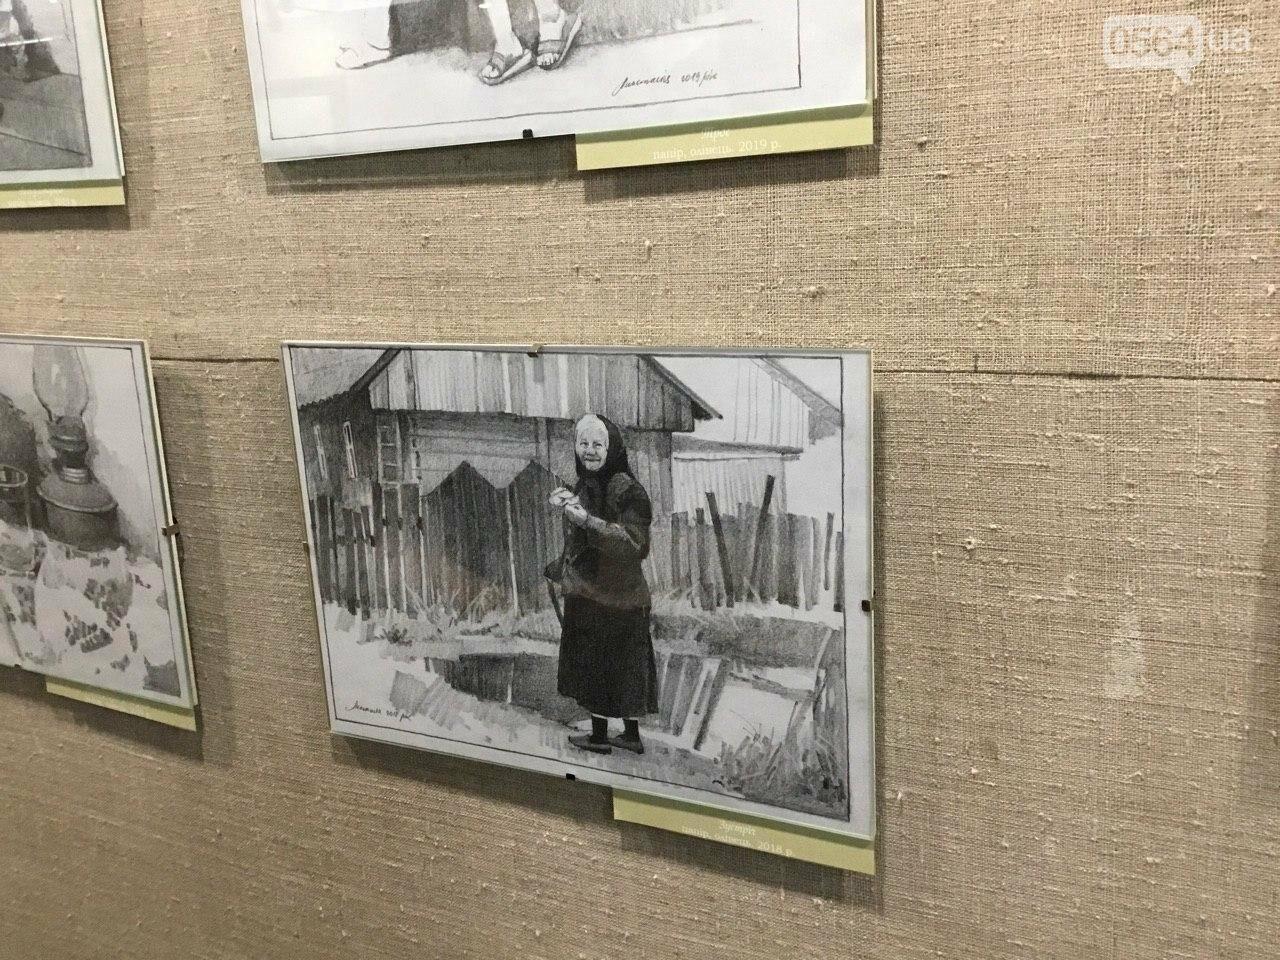 """В криворожском музее открылась художественная выставка """"Траектория творчества"""", - ФОТО, ВИДЕО, фото-5"""